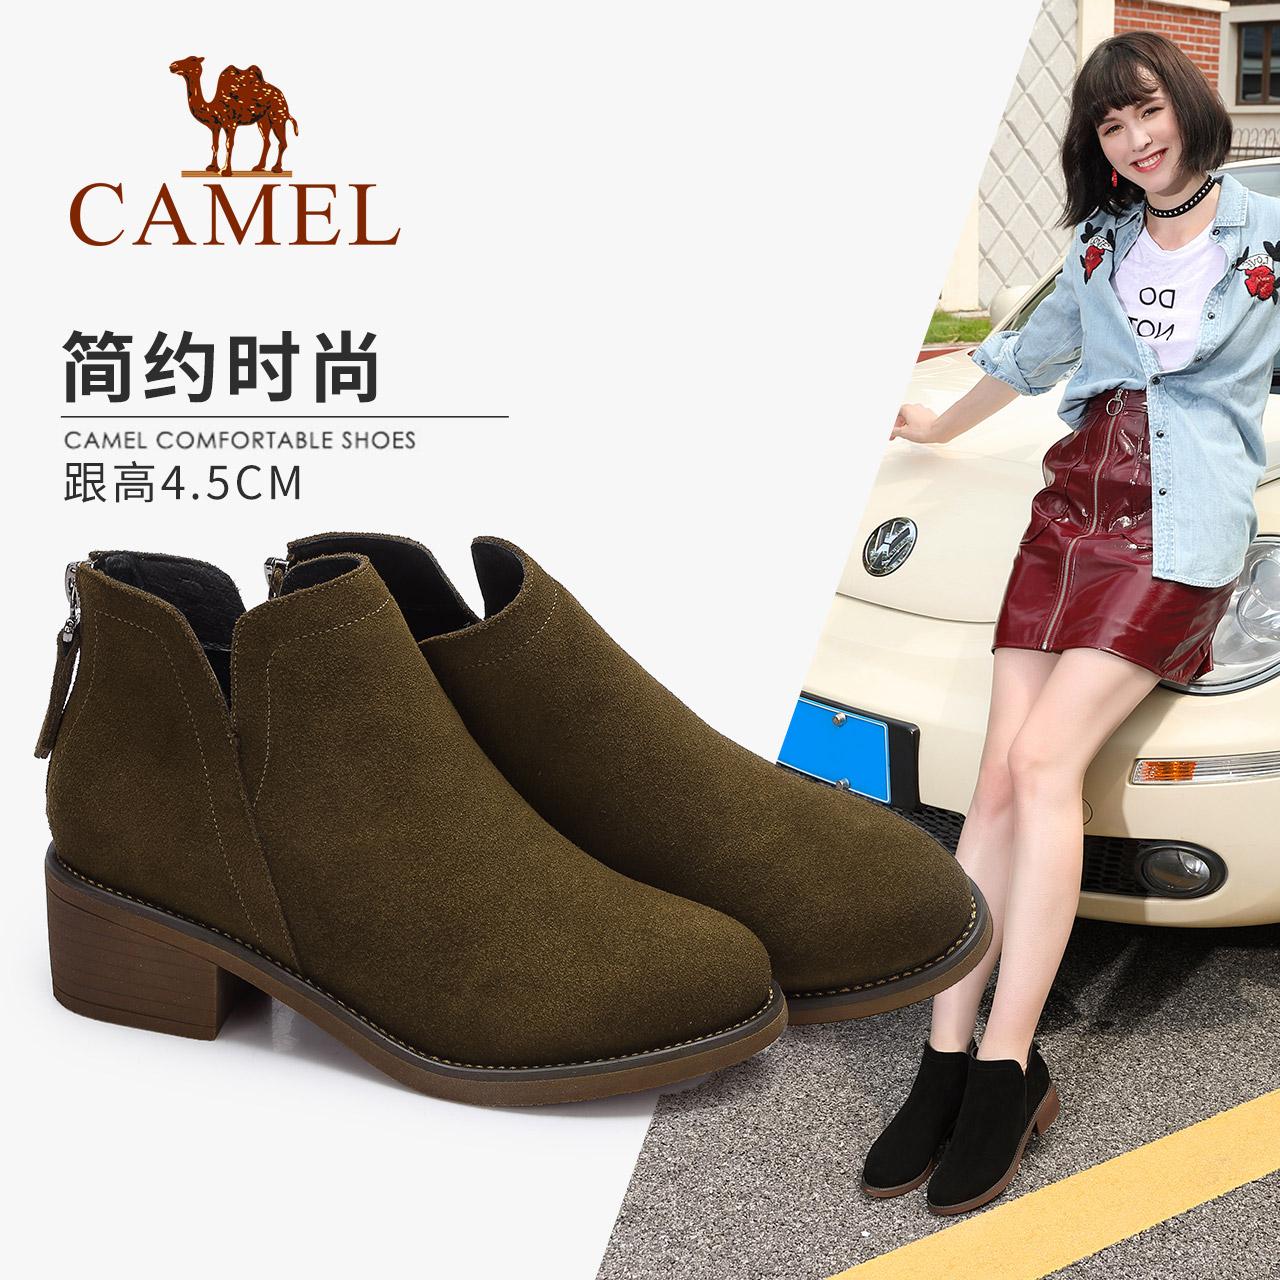 骆驼女鞋 2018秋冬新款 英伦风简约踝靴女 舒适中跟后拉链短靴子